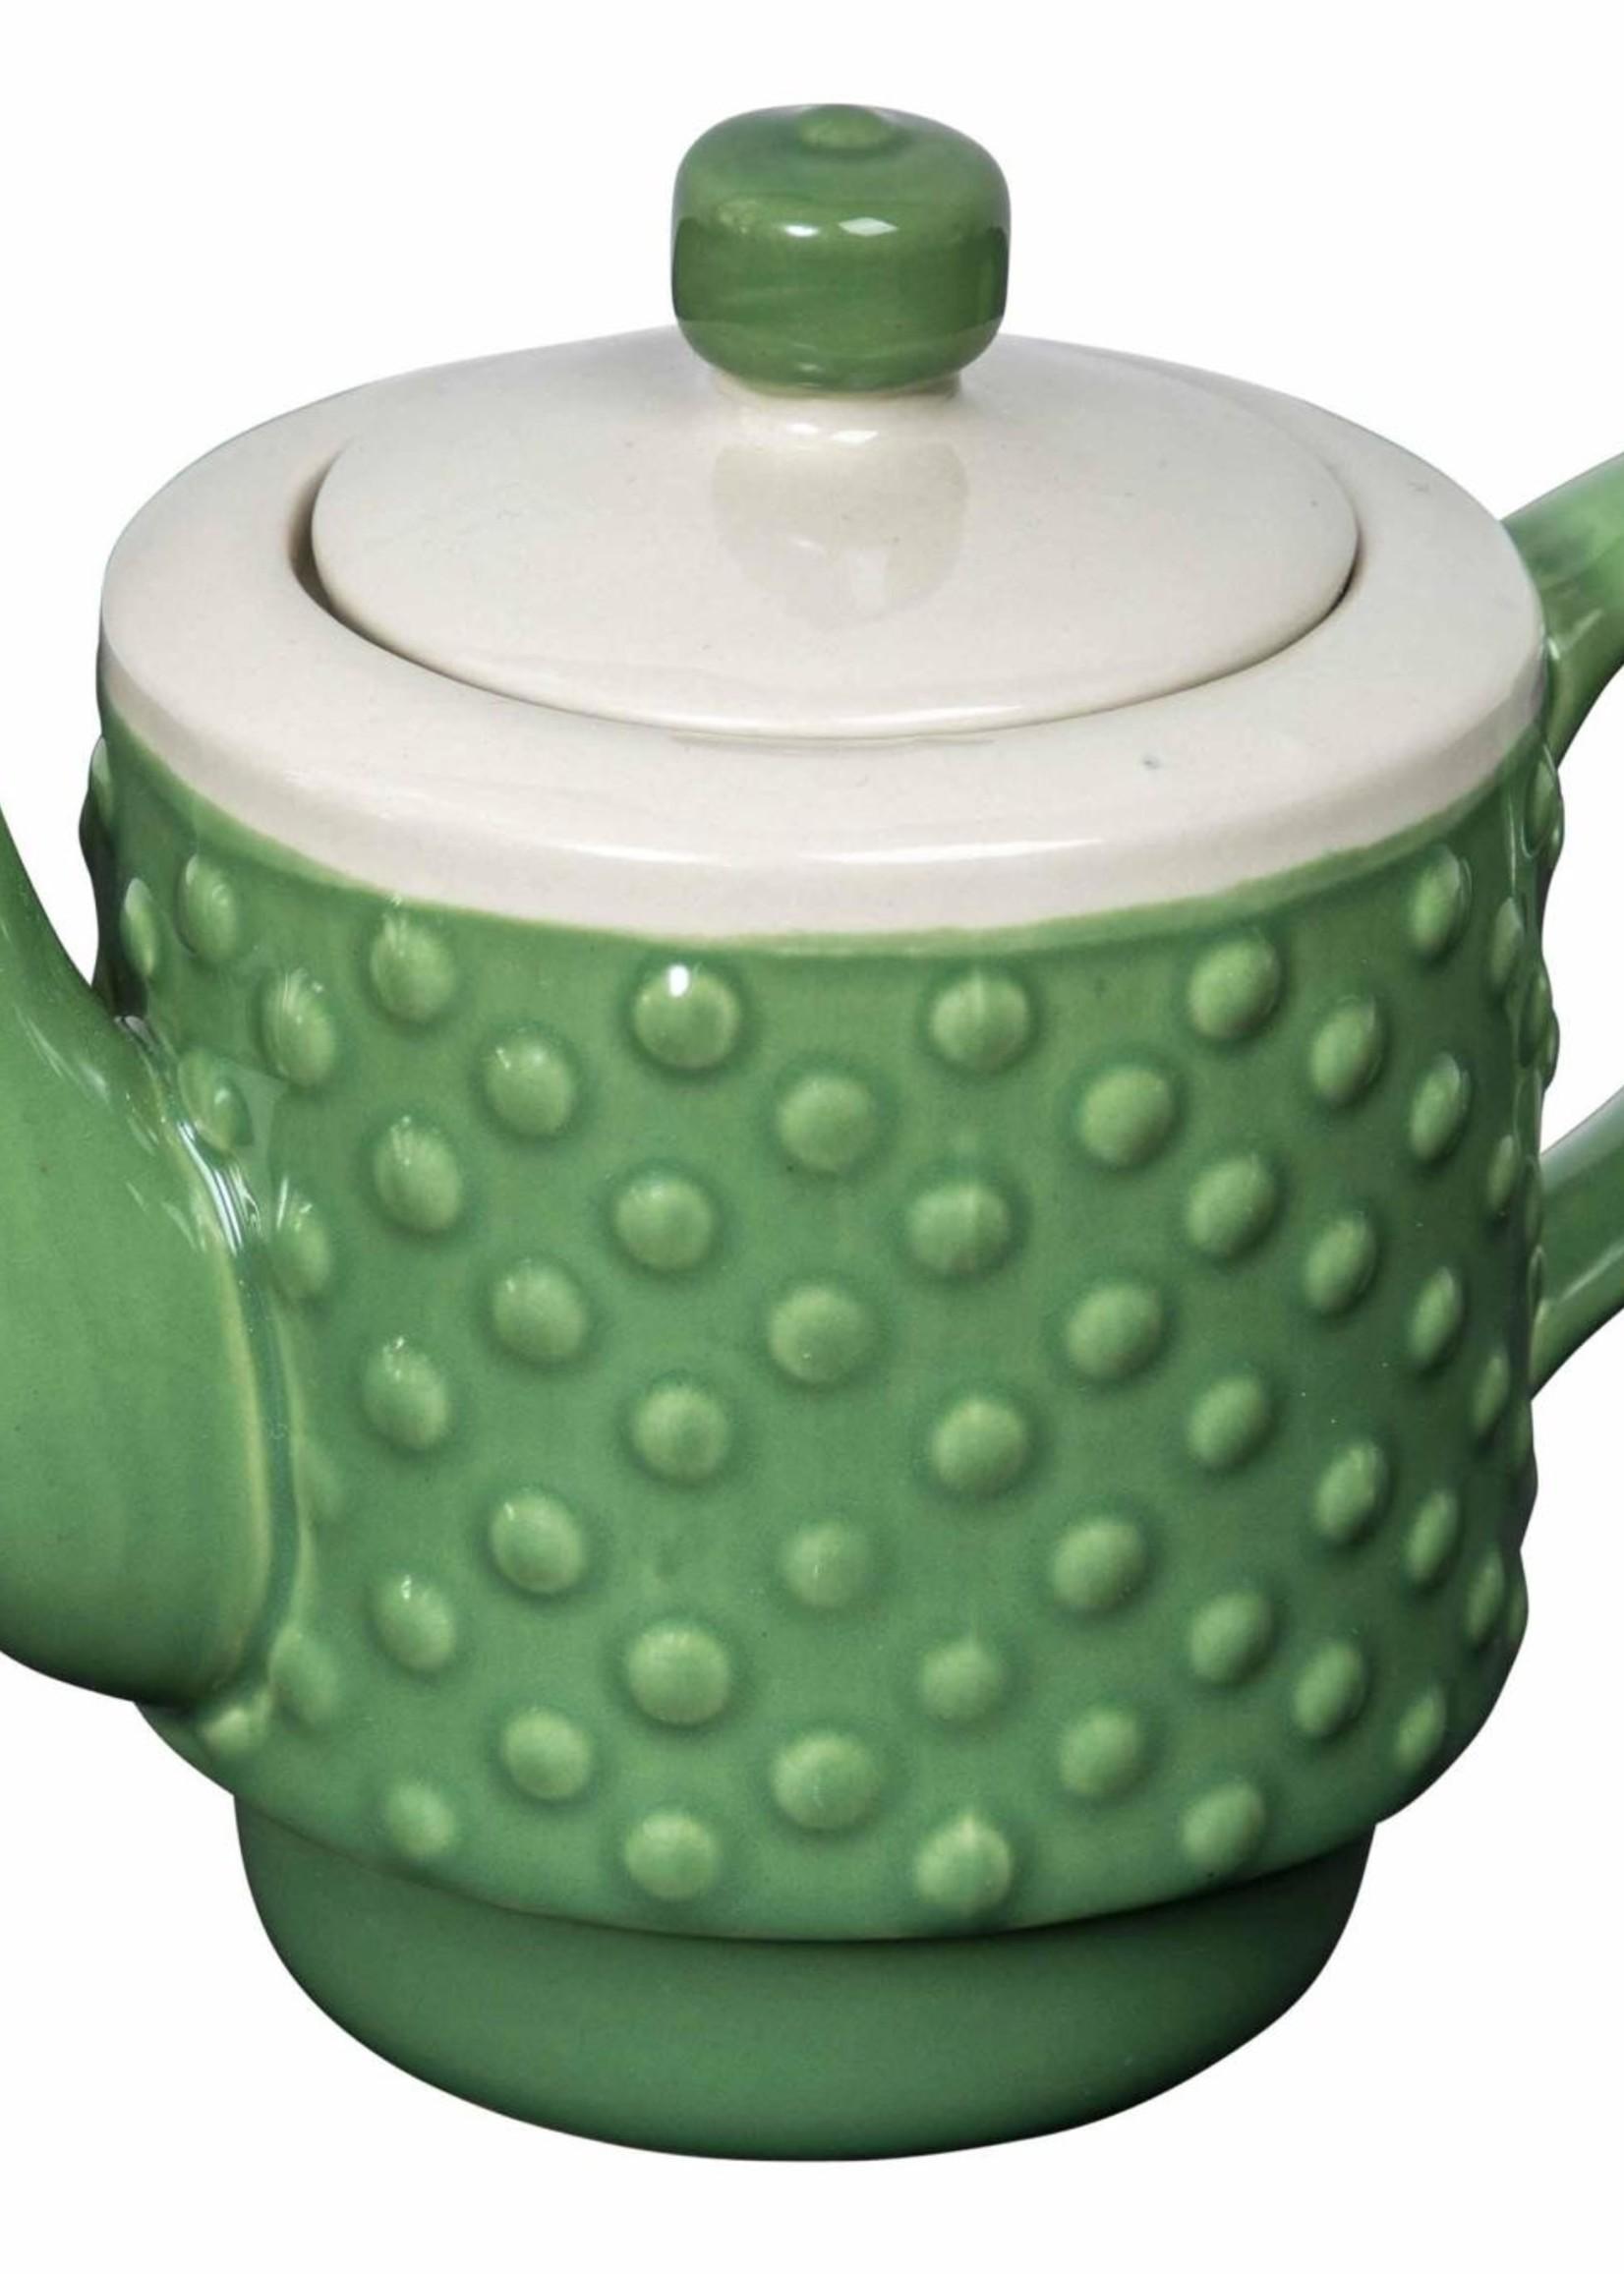 Return to Sender Return to Sender - Bubble Tea Pot - Handgemaakt